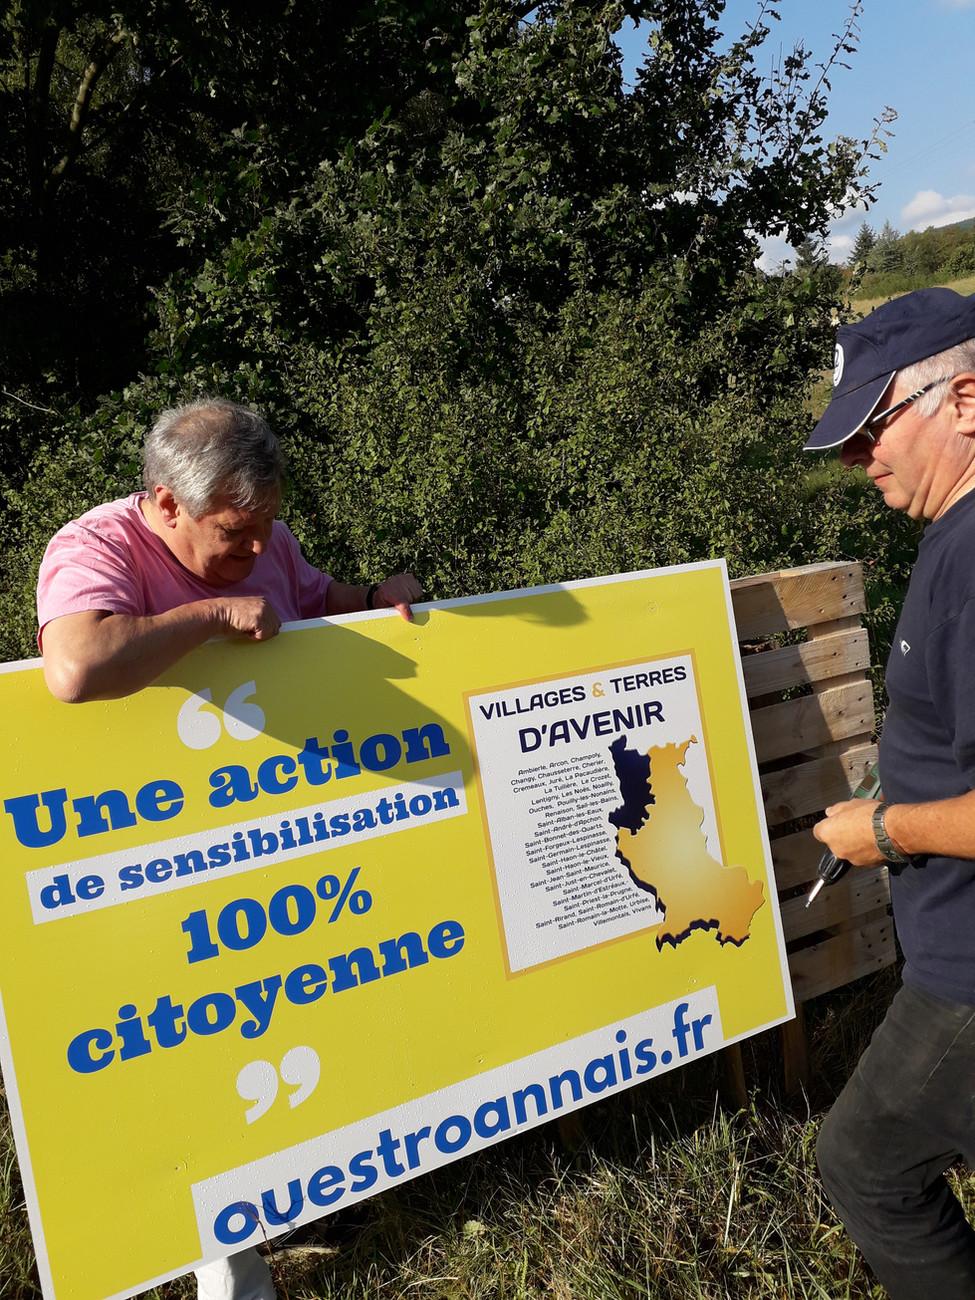 Succès pour la campagne estivale de prévention contre la pollution routière